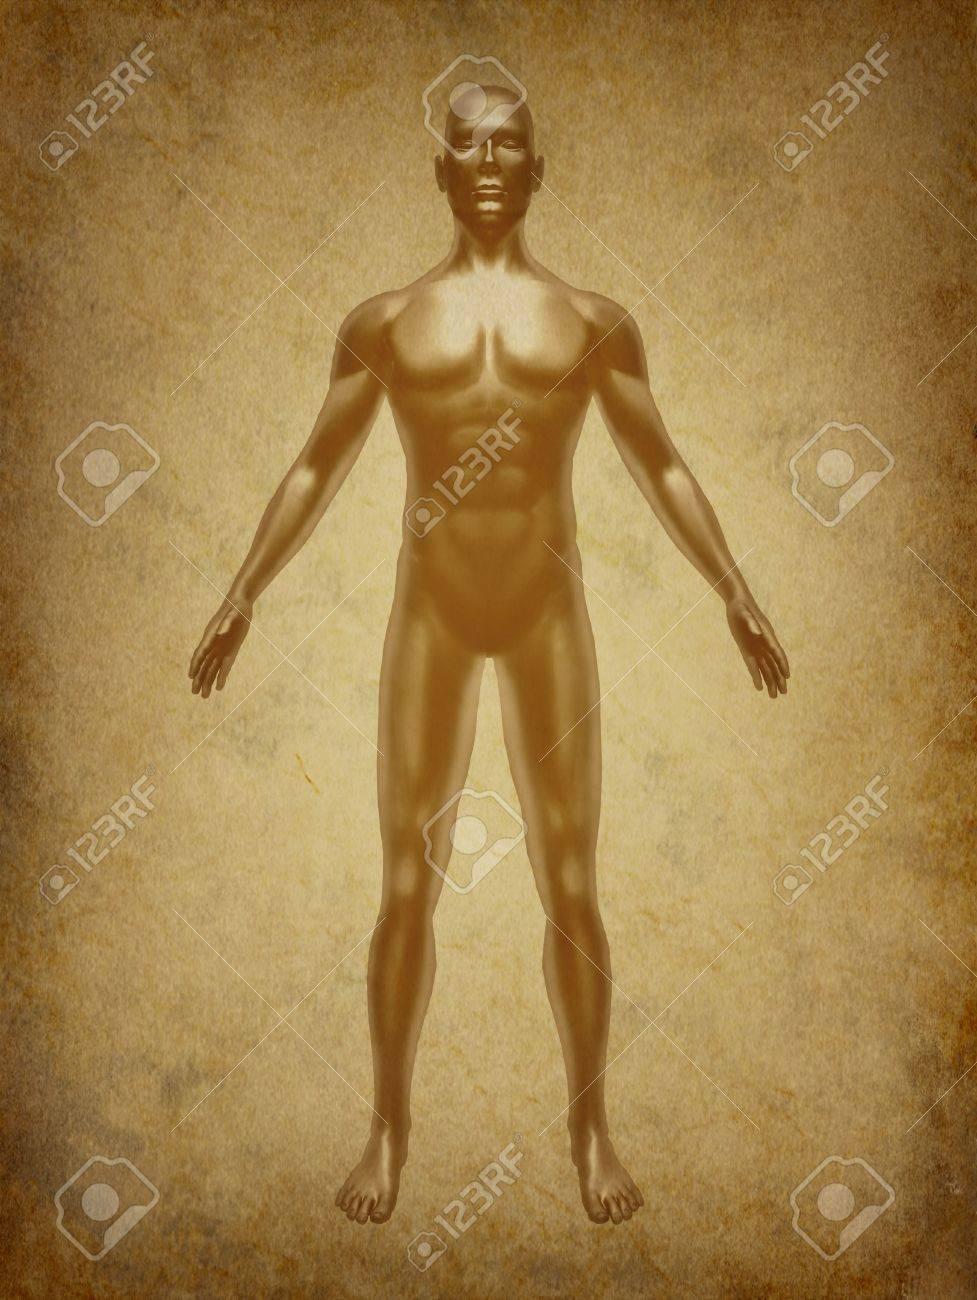 Der Menschliche Körper Medizinische Röntgen-Diagramm Darstellen ...